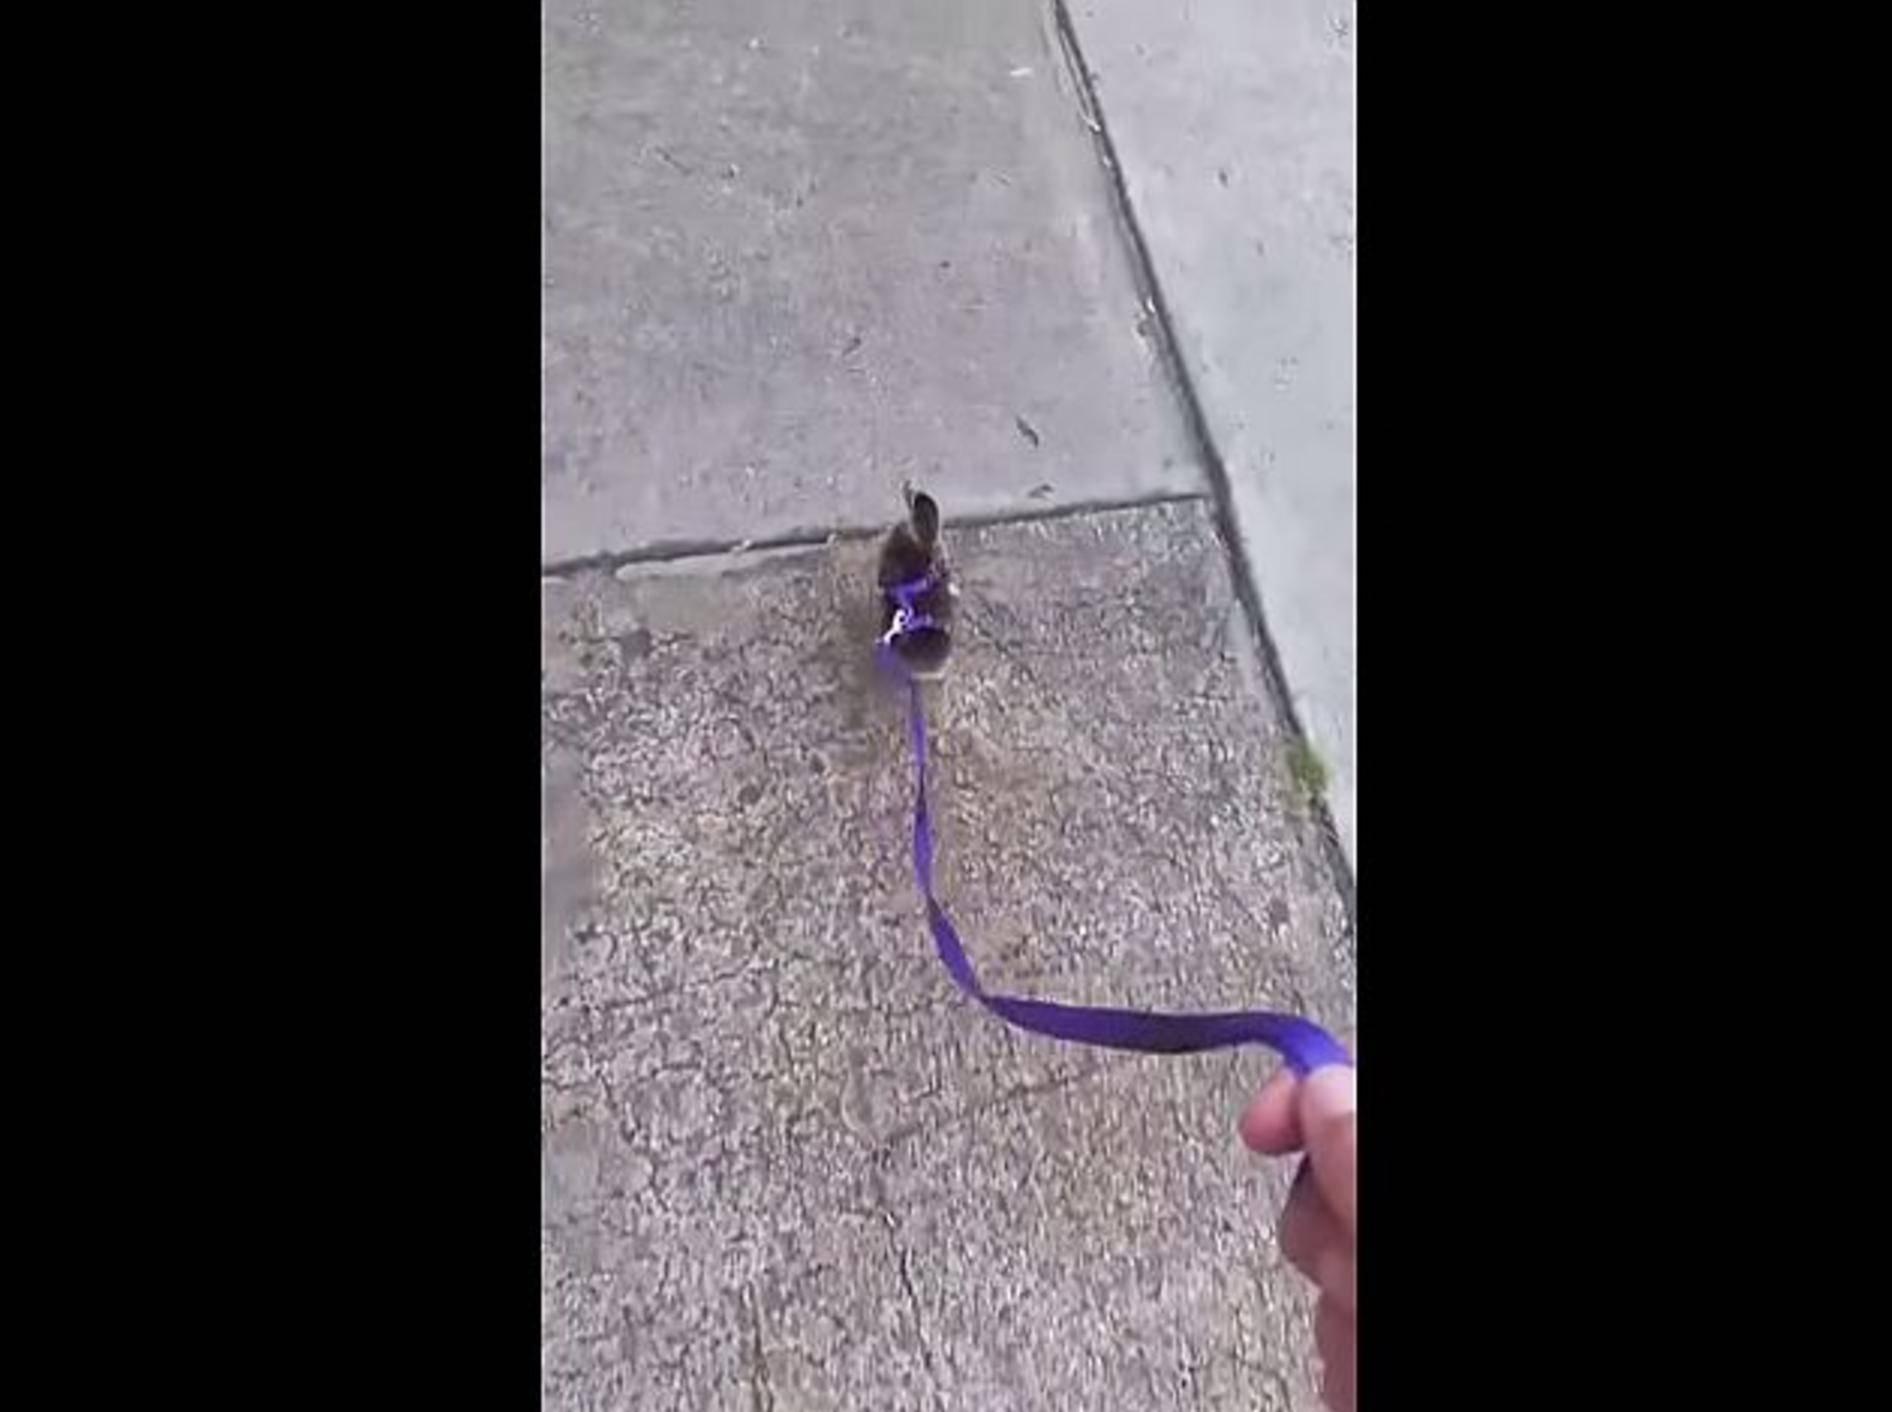 So süß: Spaziergang mit einem Entenküken – Bild: Youtube / TastefullyOffensive.com